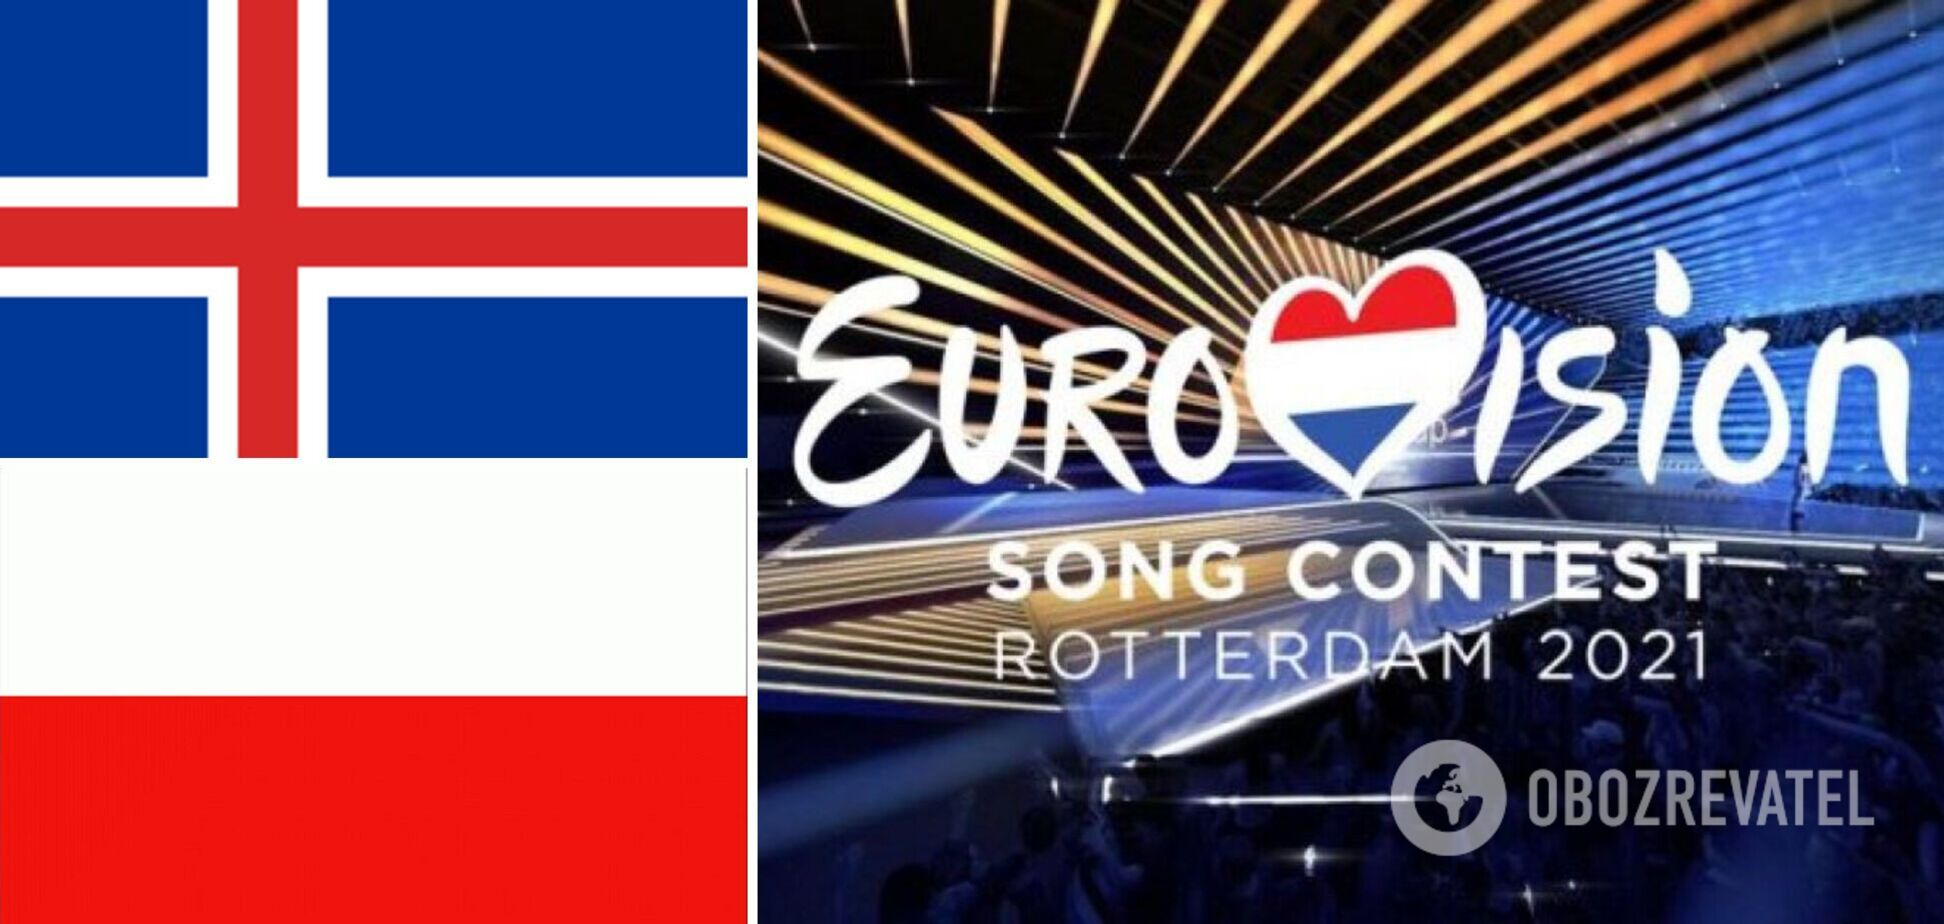 Чотири країни пропустили відкриття Євробачення через коронавірус